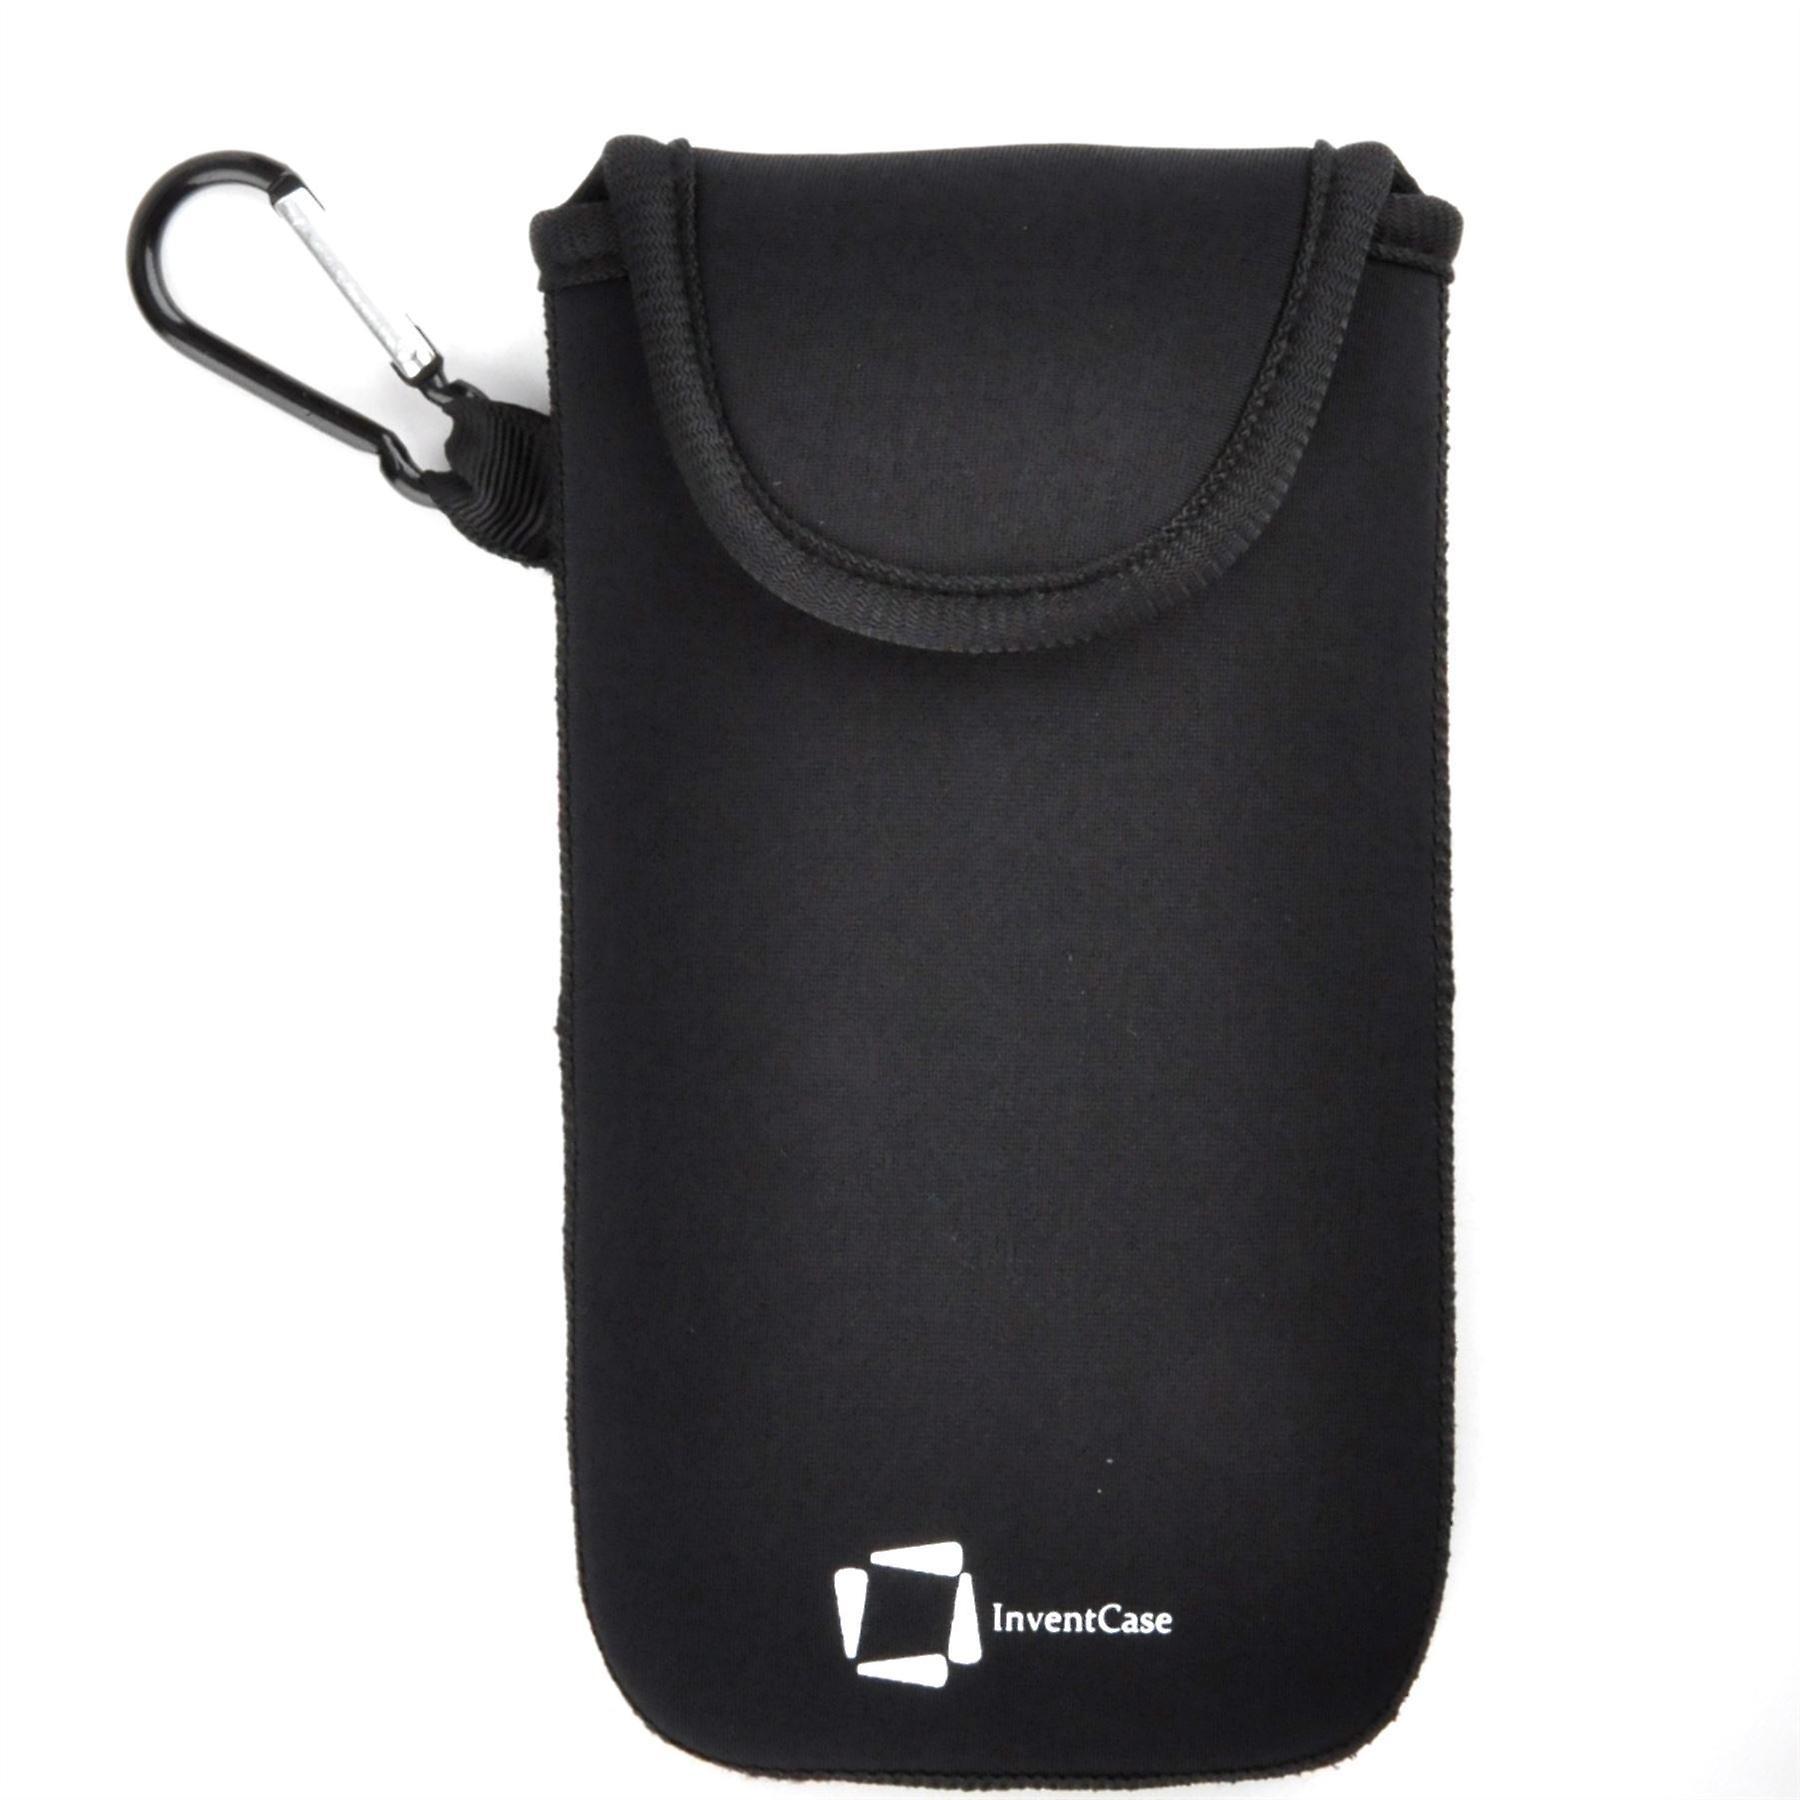 حقيبة تغطية القضية الحقيبة واقية مقاومة لتأثير النيوبرين إينفينتكاسي مع إغلاق Velcro والألمنيوم Carabiner على سوني إريكسون Z5-أسود